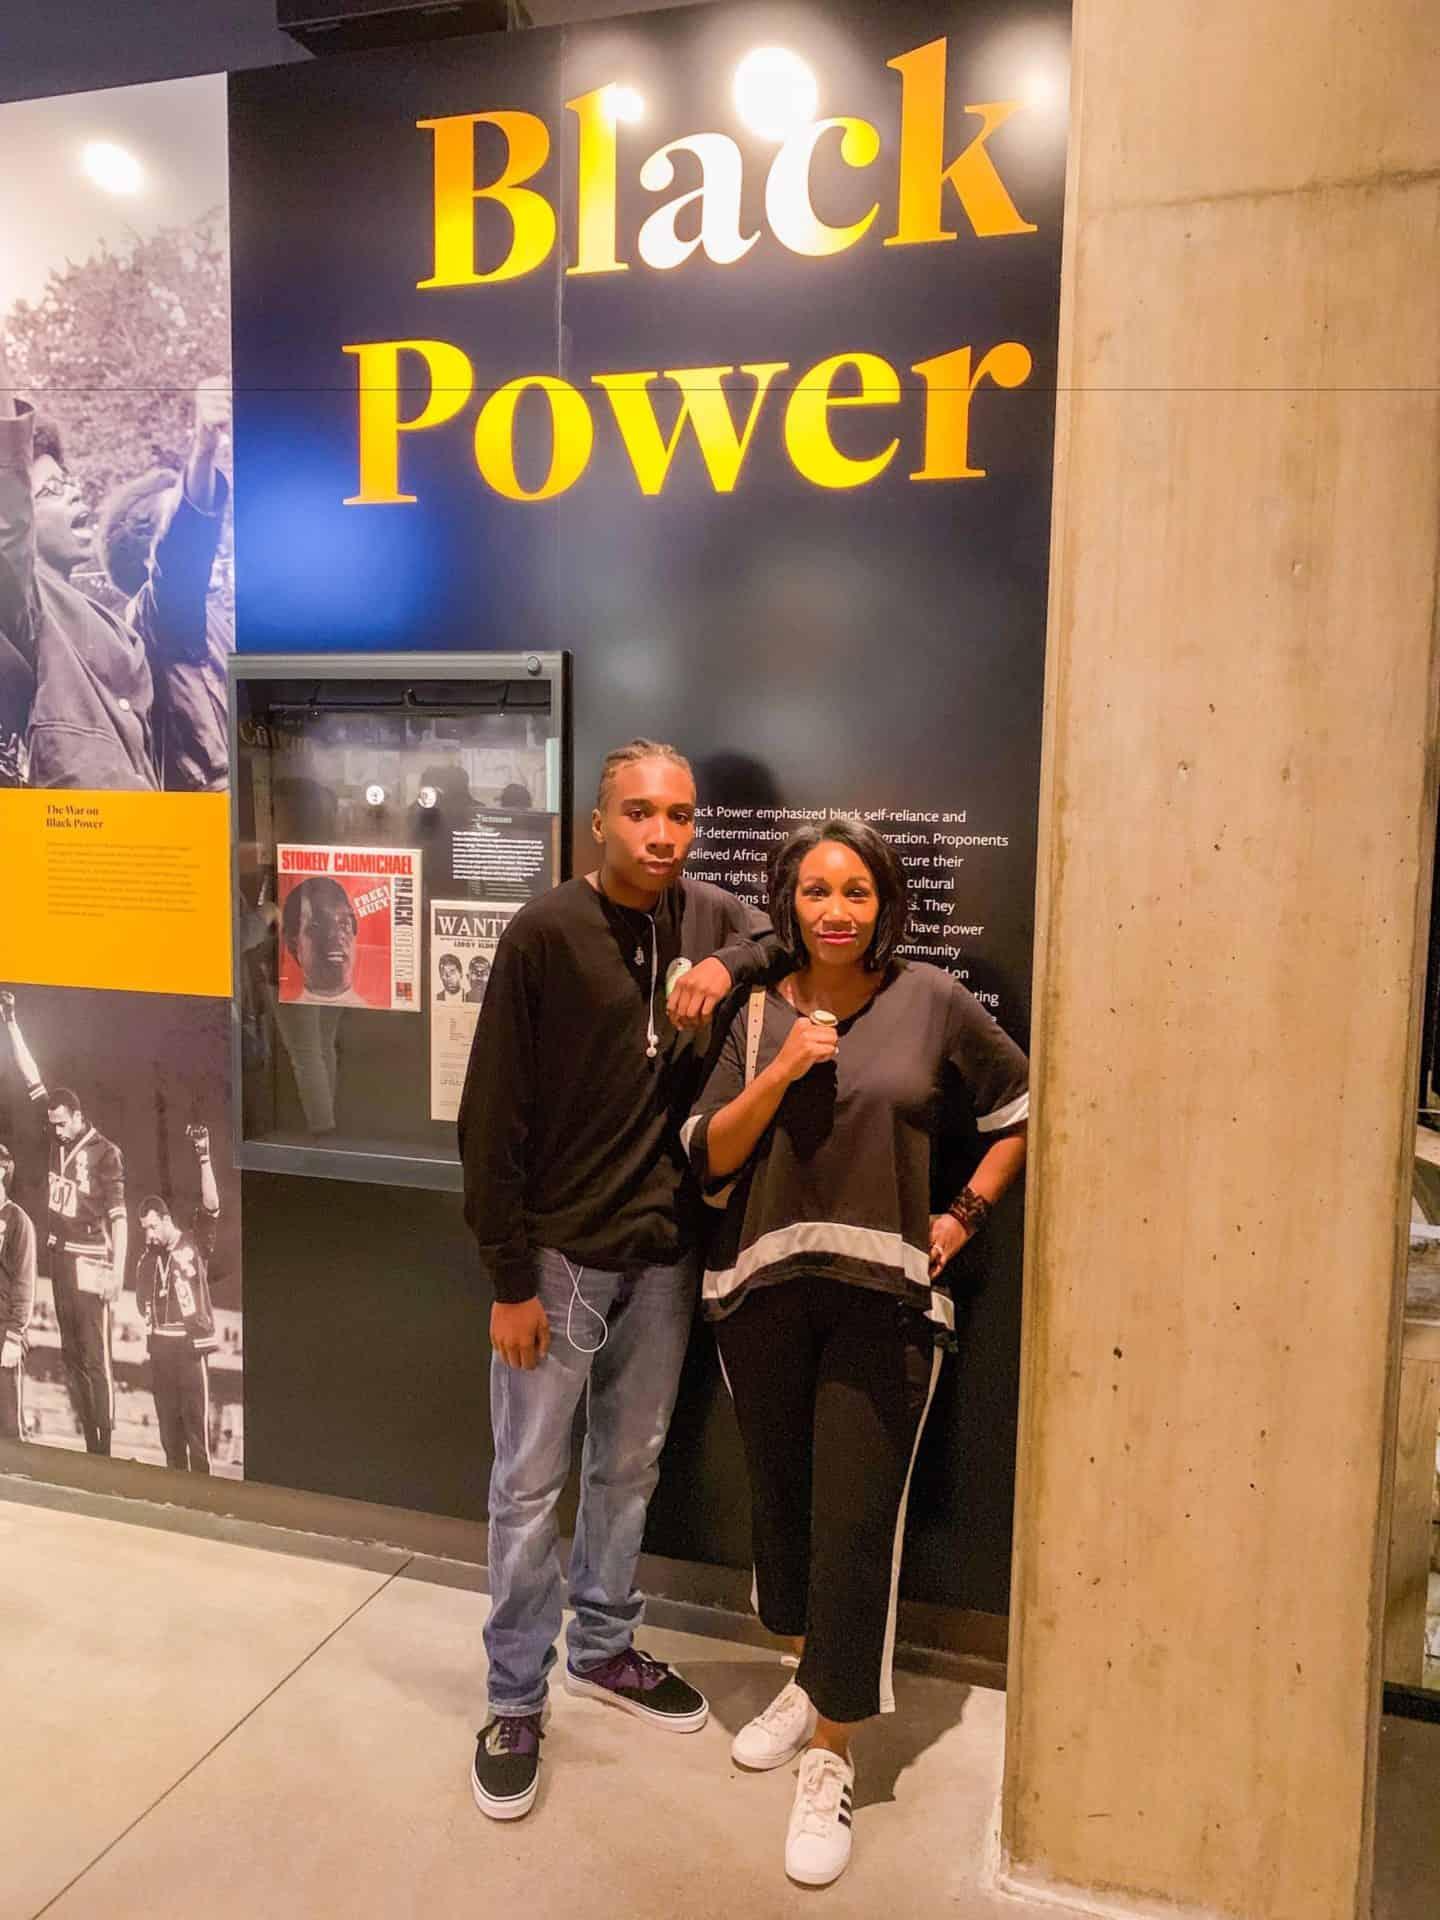 Black People - Black Power